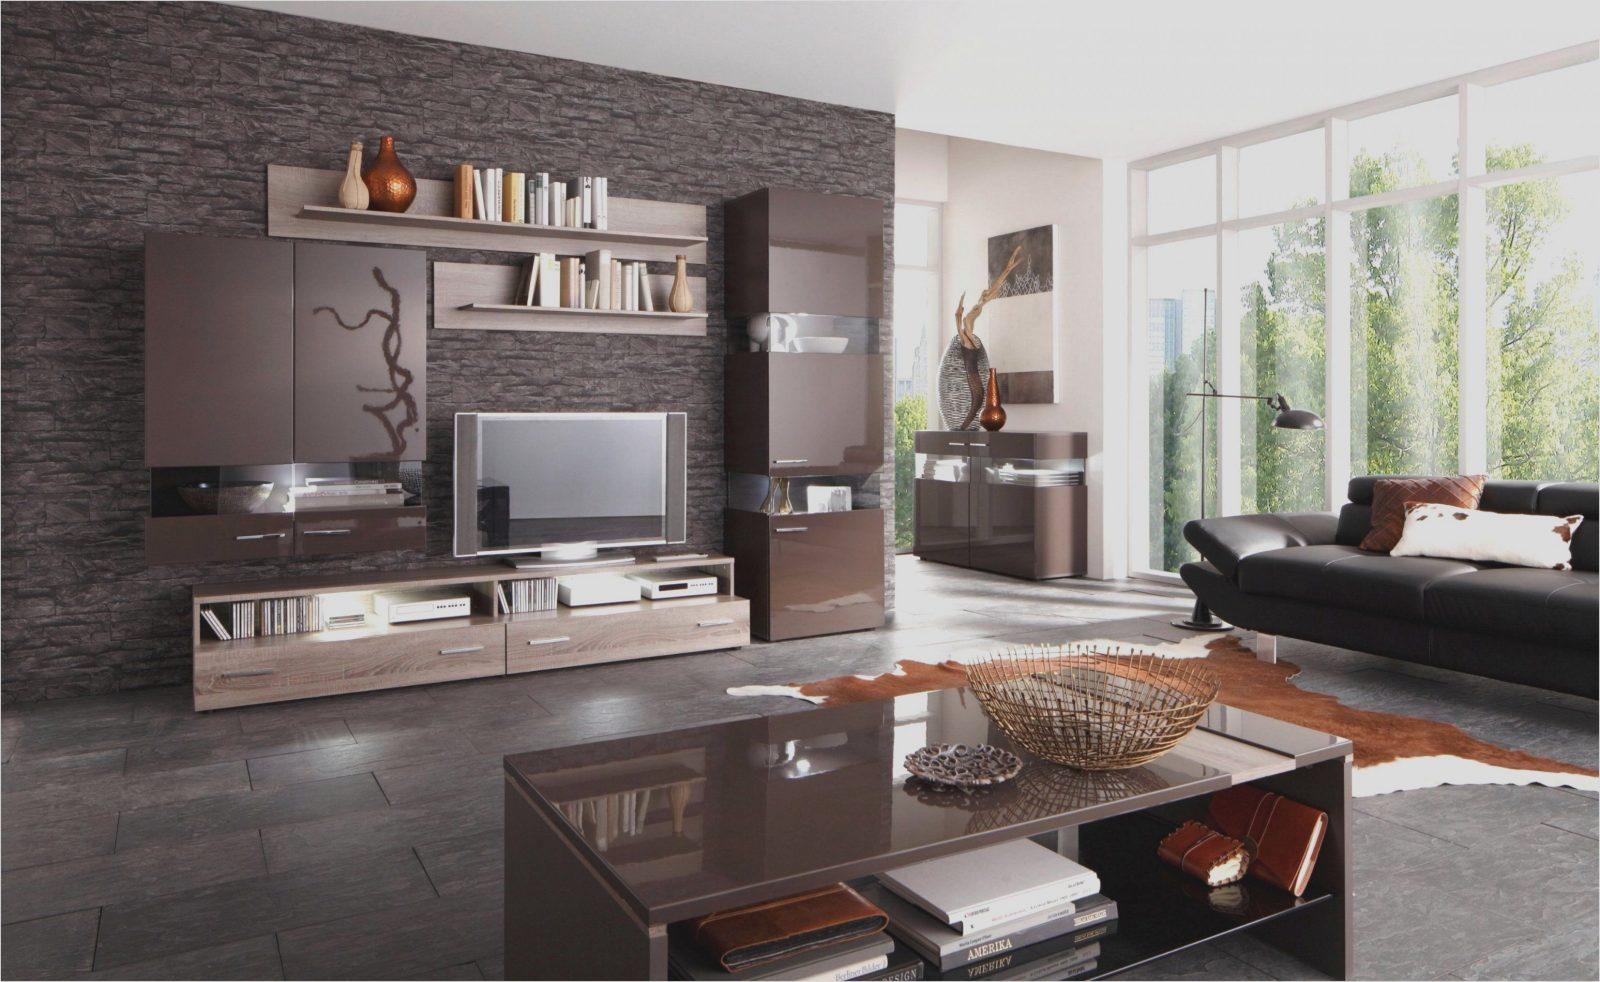 Fantastisch Wohnideen Wande Gestalten Wohnzimmer Zusammen Schön Neu Wohnzimmer Von  Wohnzimmer Wände Neu Gestalten Bild